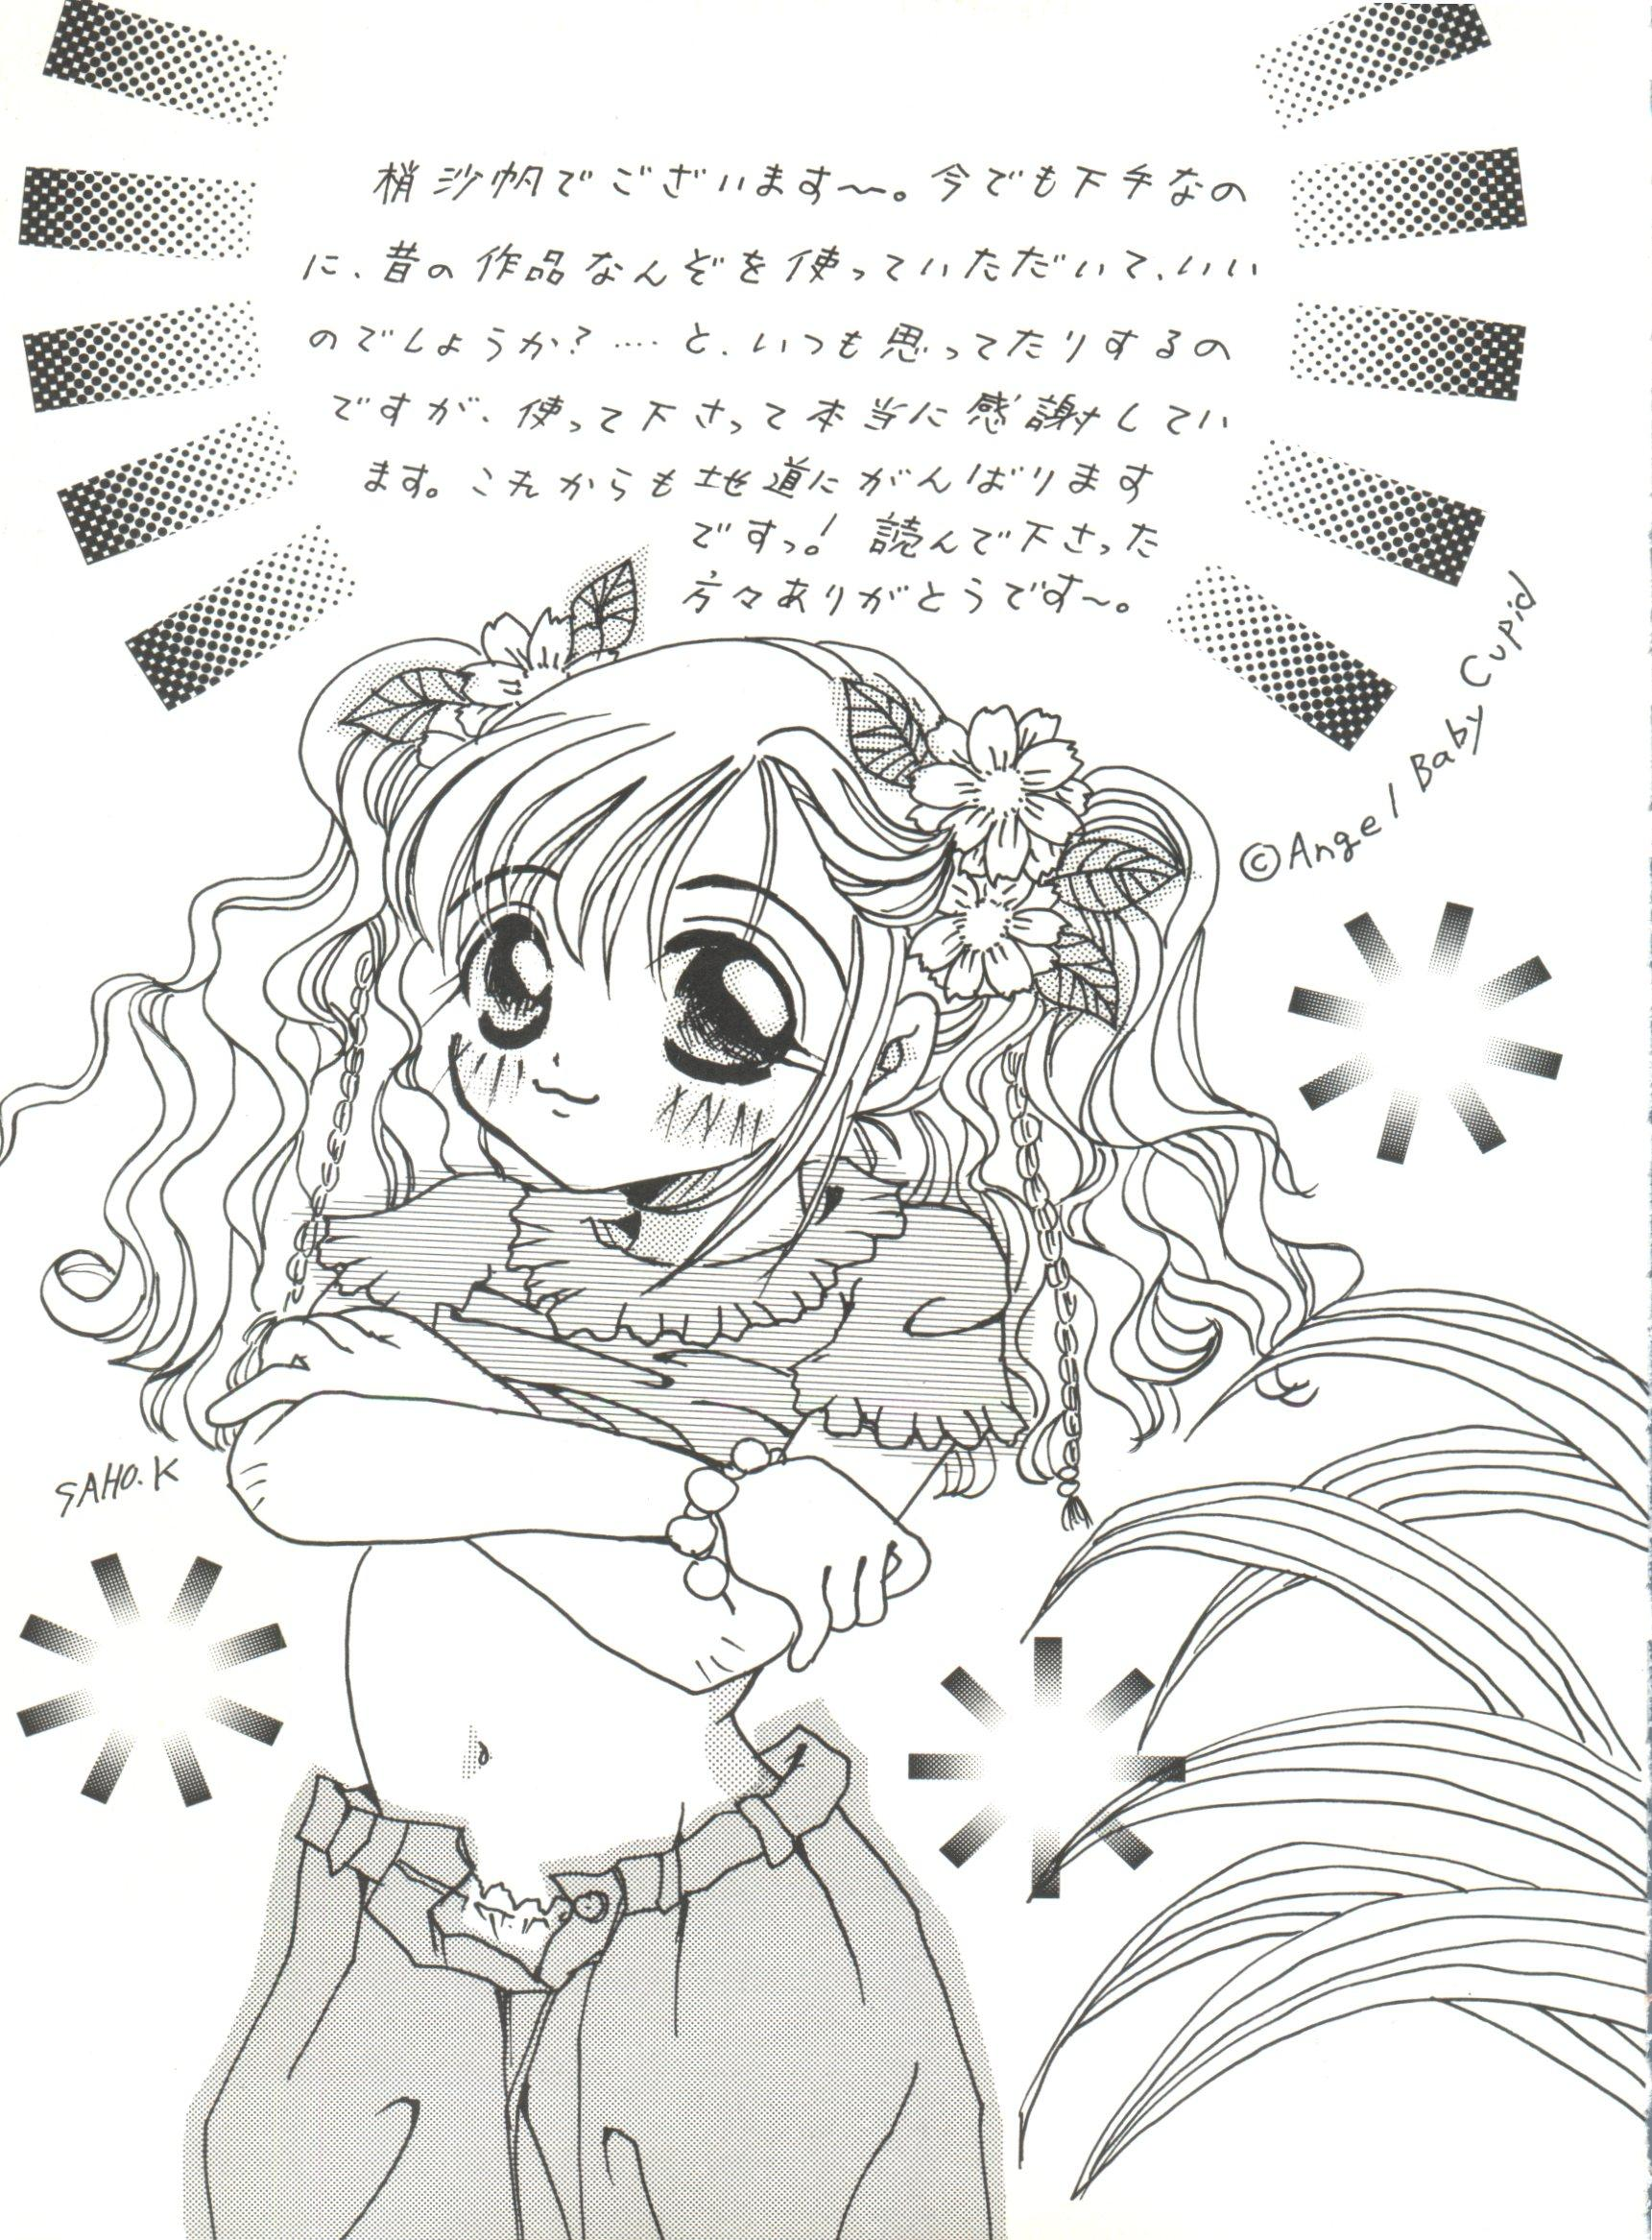 Bishoujo Doujinshi Anthology Cute 4 90